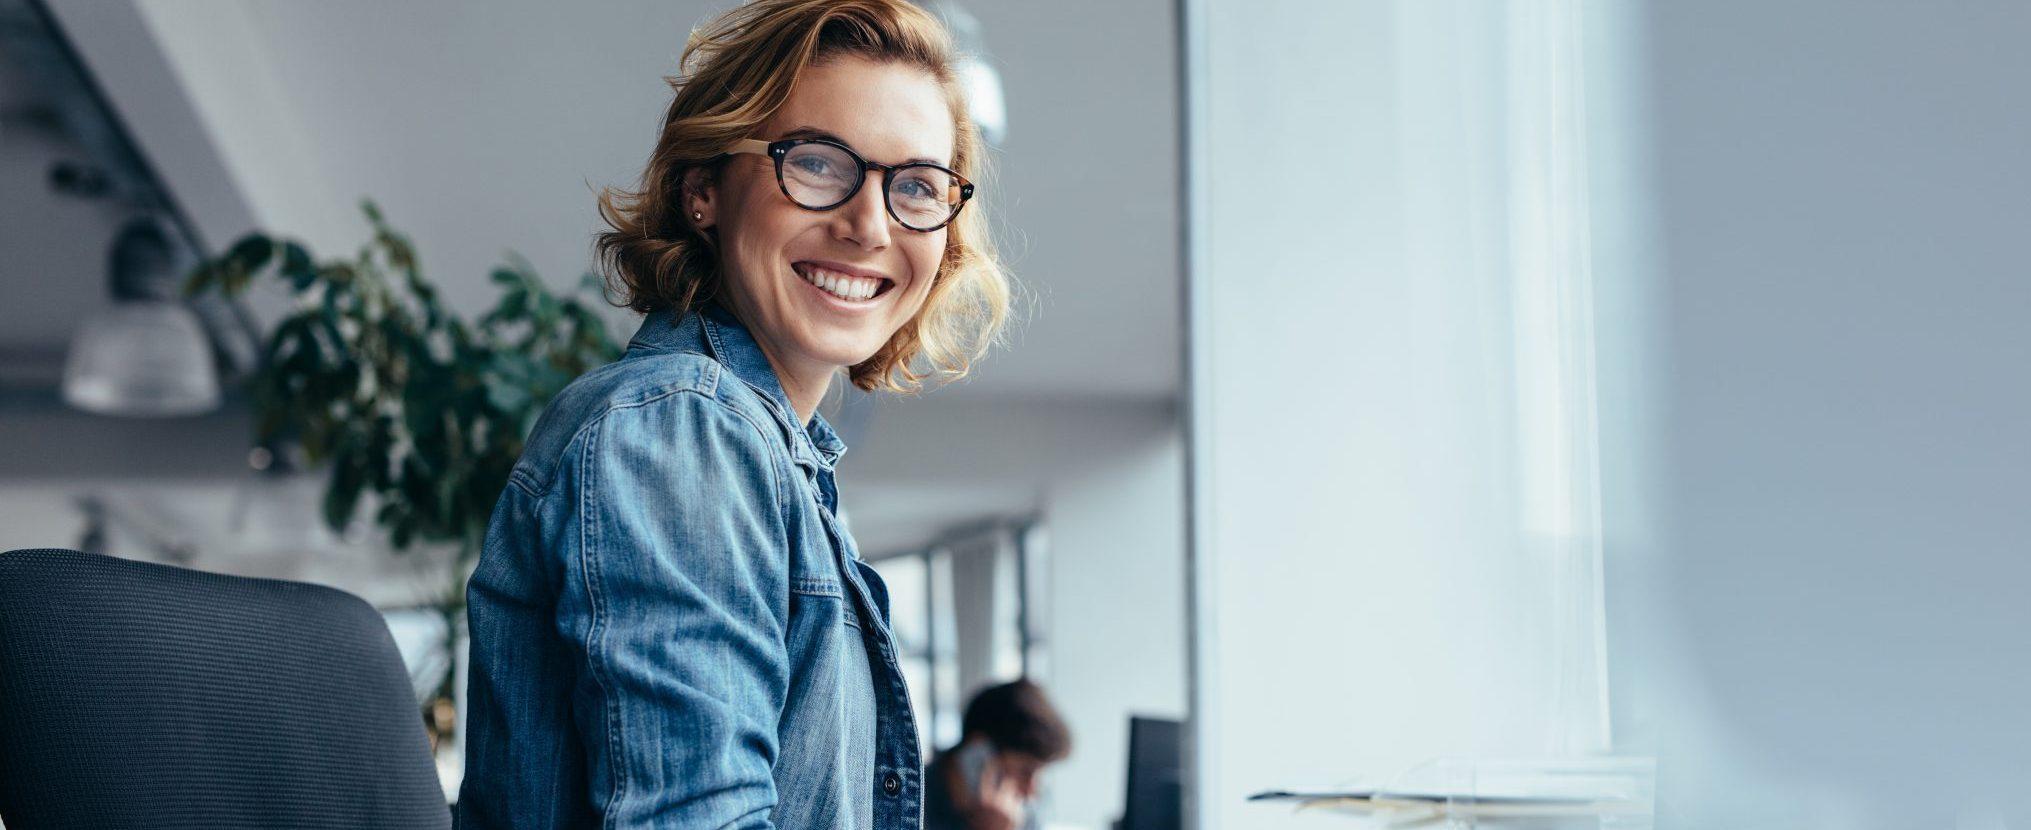 Bilde av en fornøyd dame etter en vellykket salgsprosess i Xledger